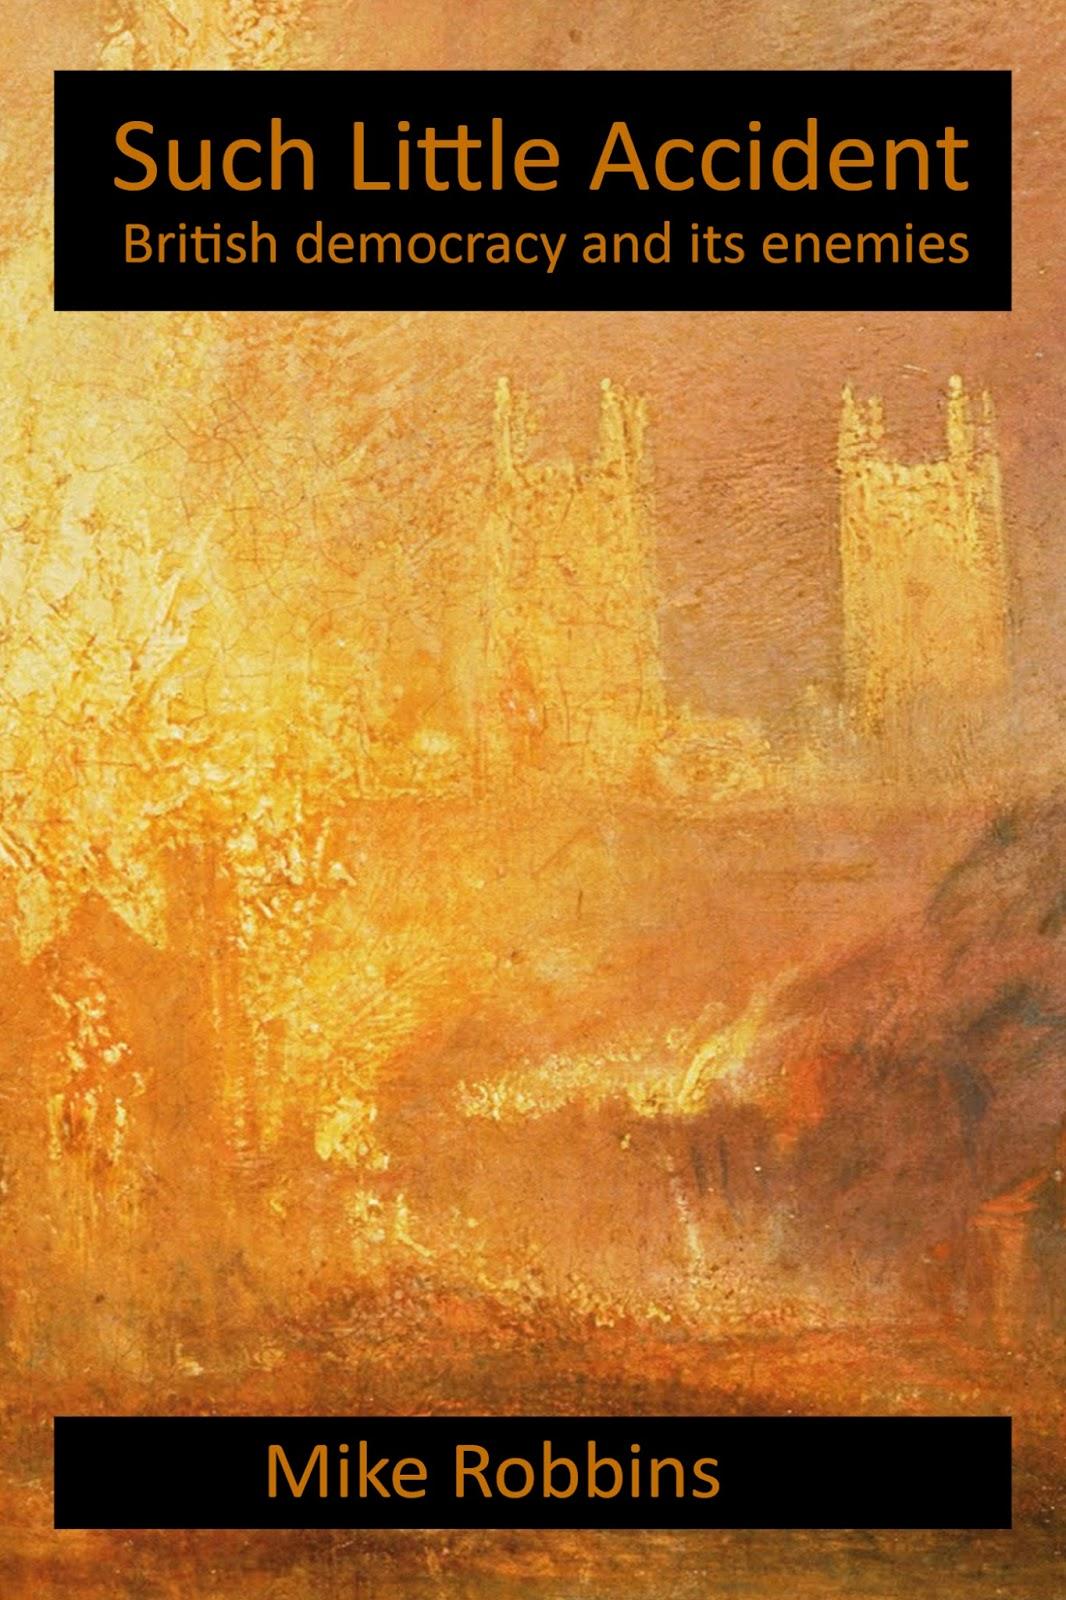 (ISBN 978-0-9978815-0-9, ebook; ISBN 978-0-9978815-1-6, paperback)